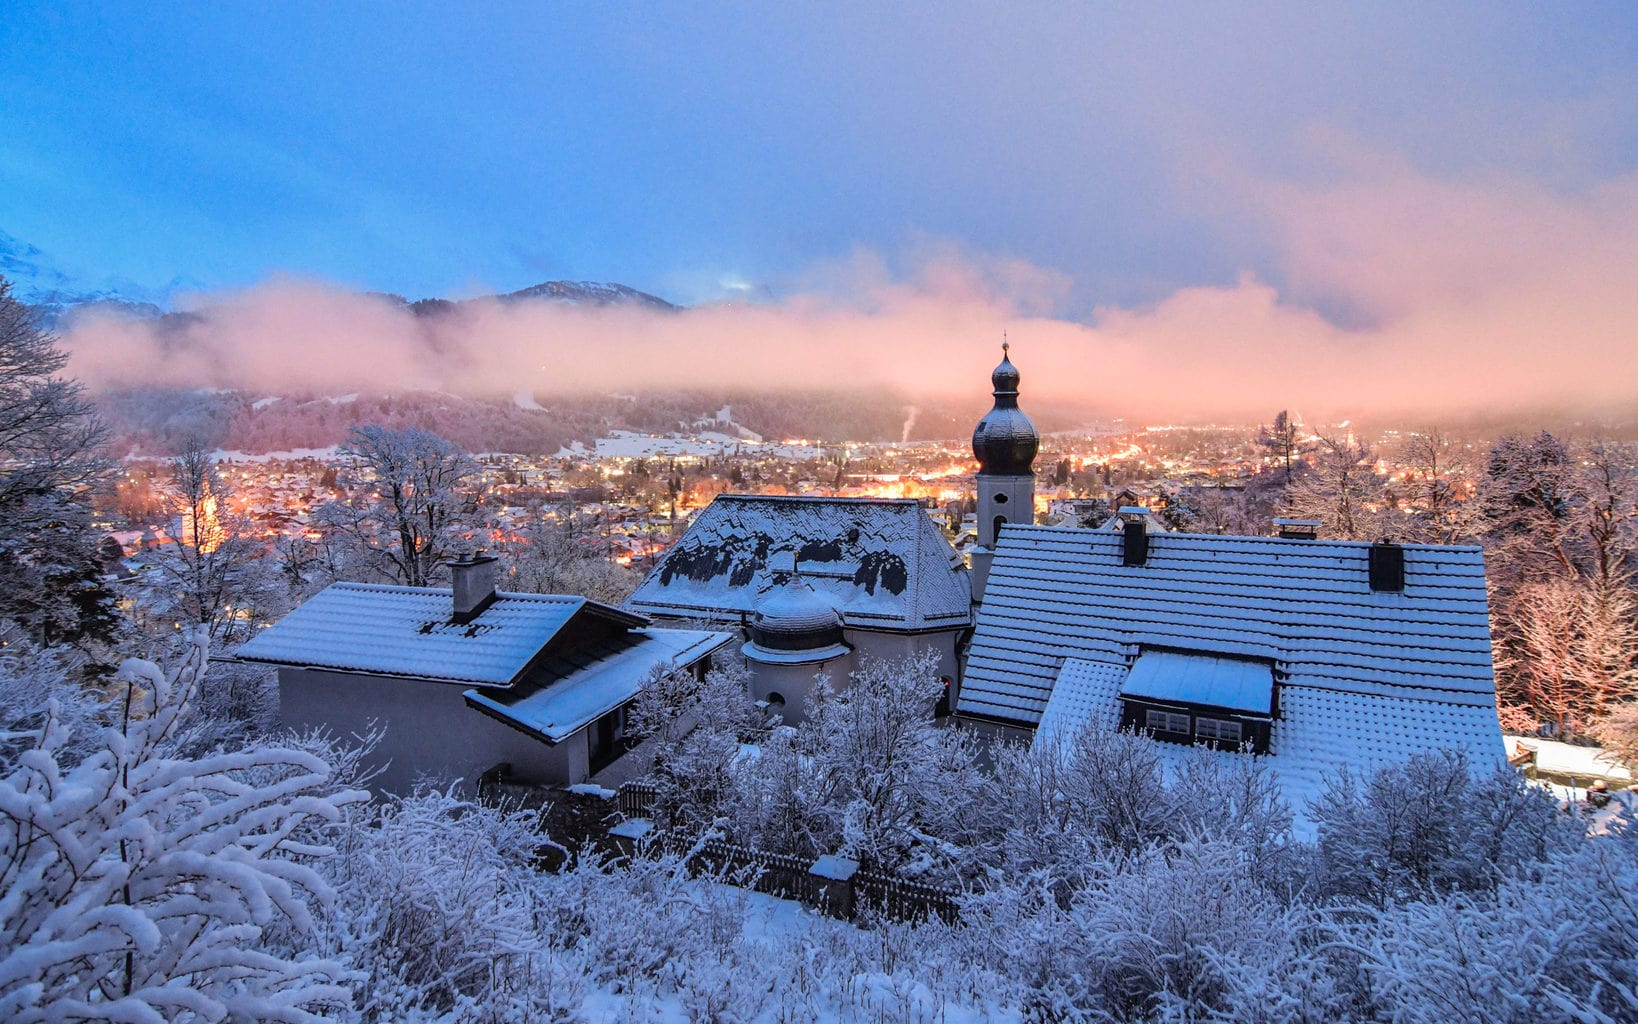 Sneeuw met zon en mist op een piste in Garmisch Partenkirchen